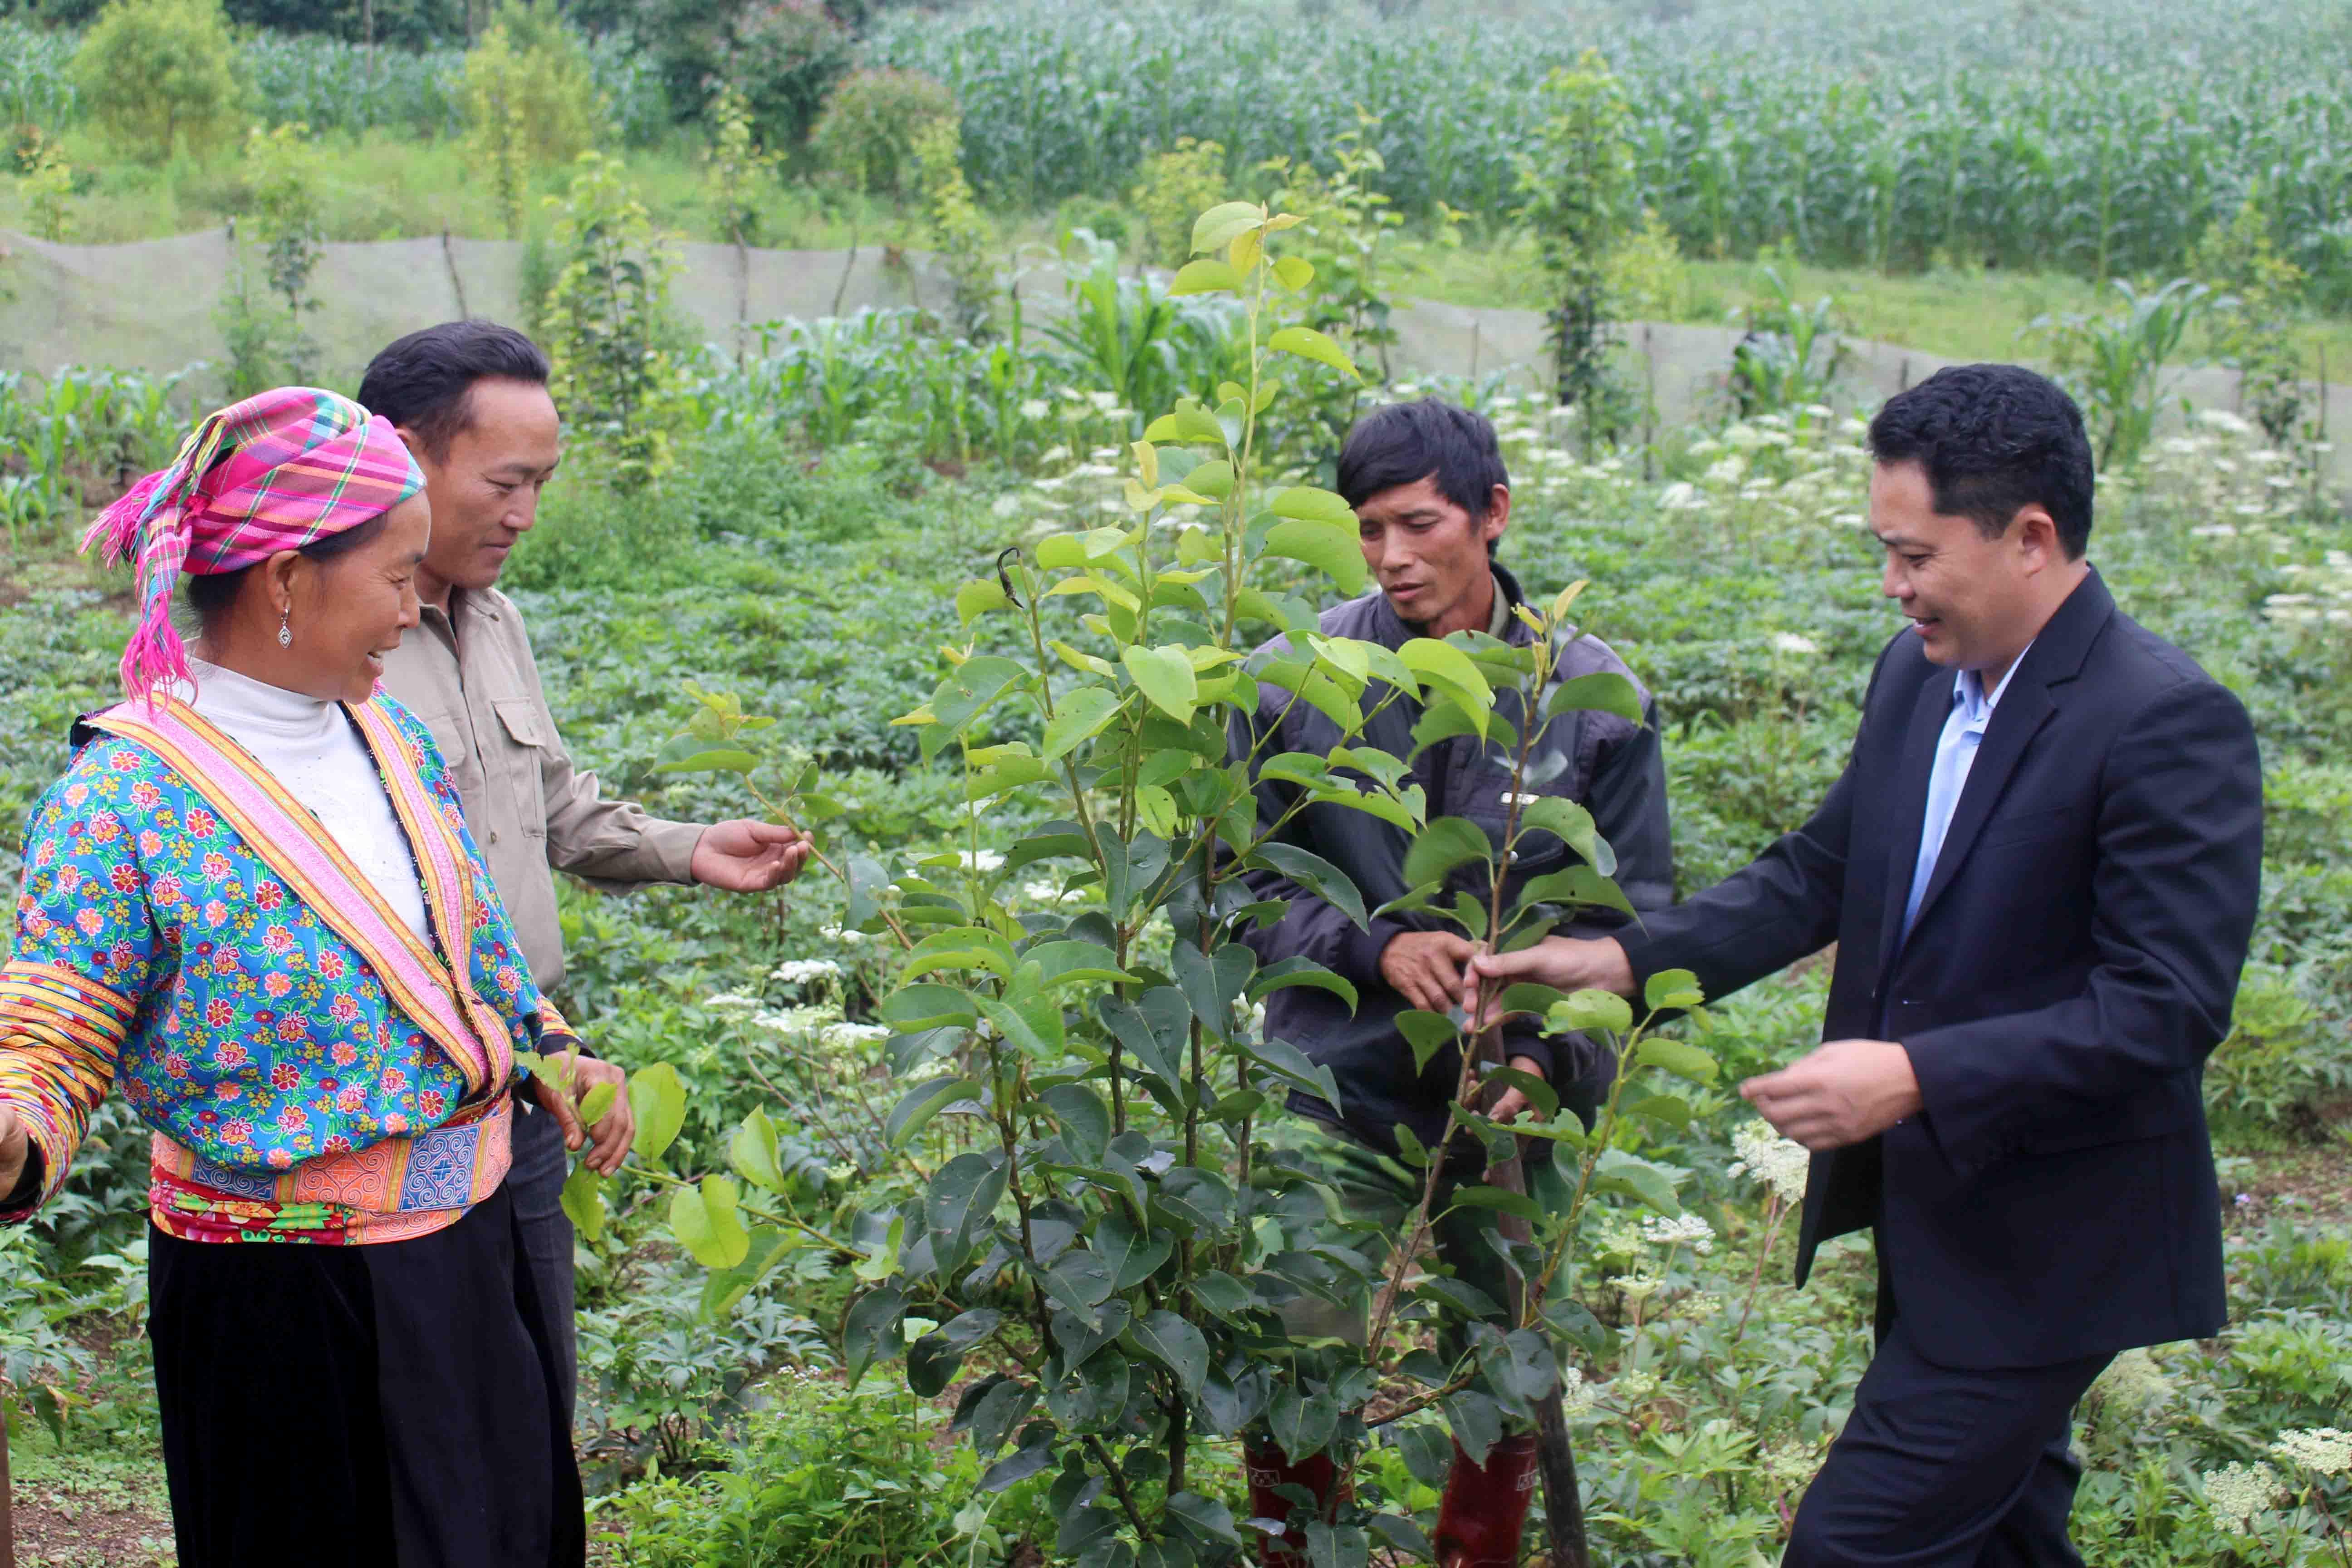 Nhiều giống cây mới tiếp tục được đưa vào trồng, chăm sóc góp phần nâng cao thu nhập trên cùng diện tích canh tác